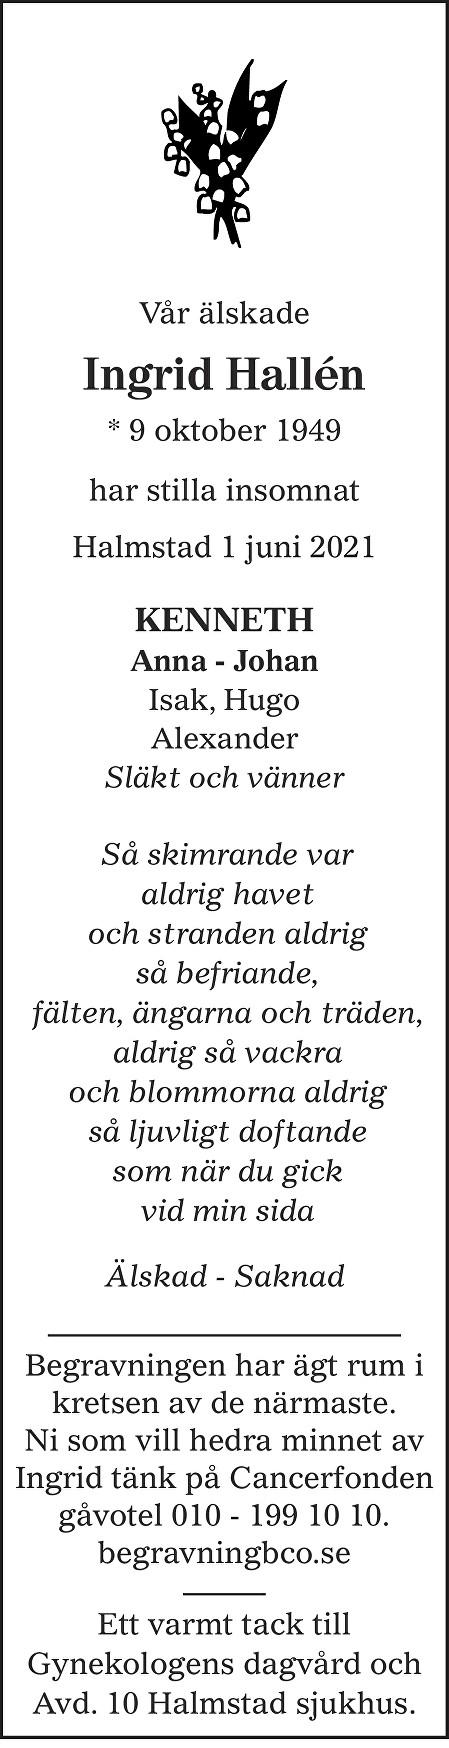 Ingrid  Hallén Death notice